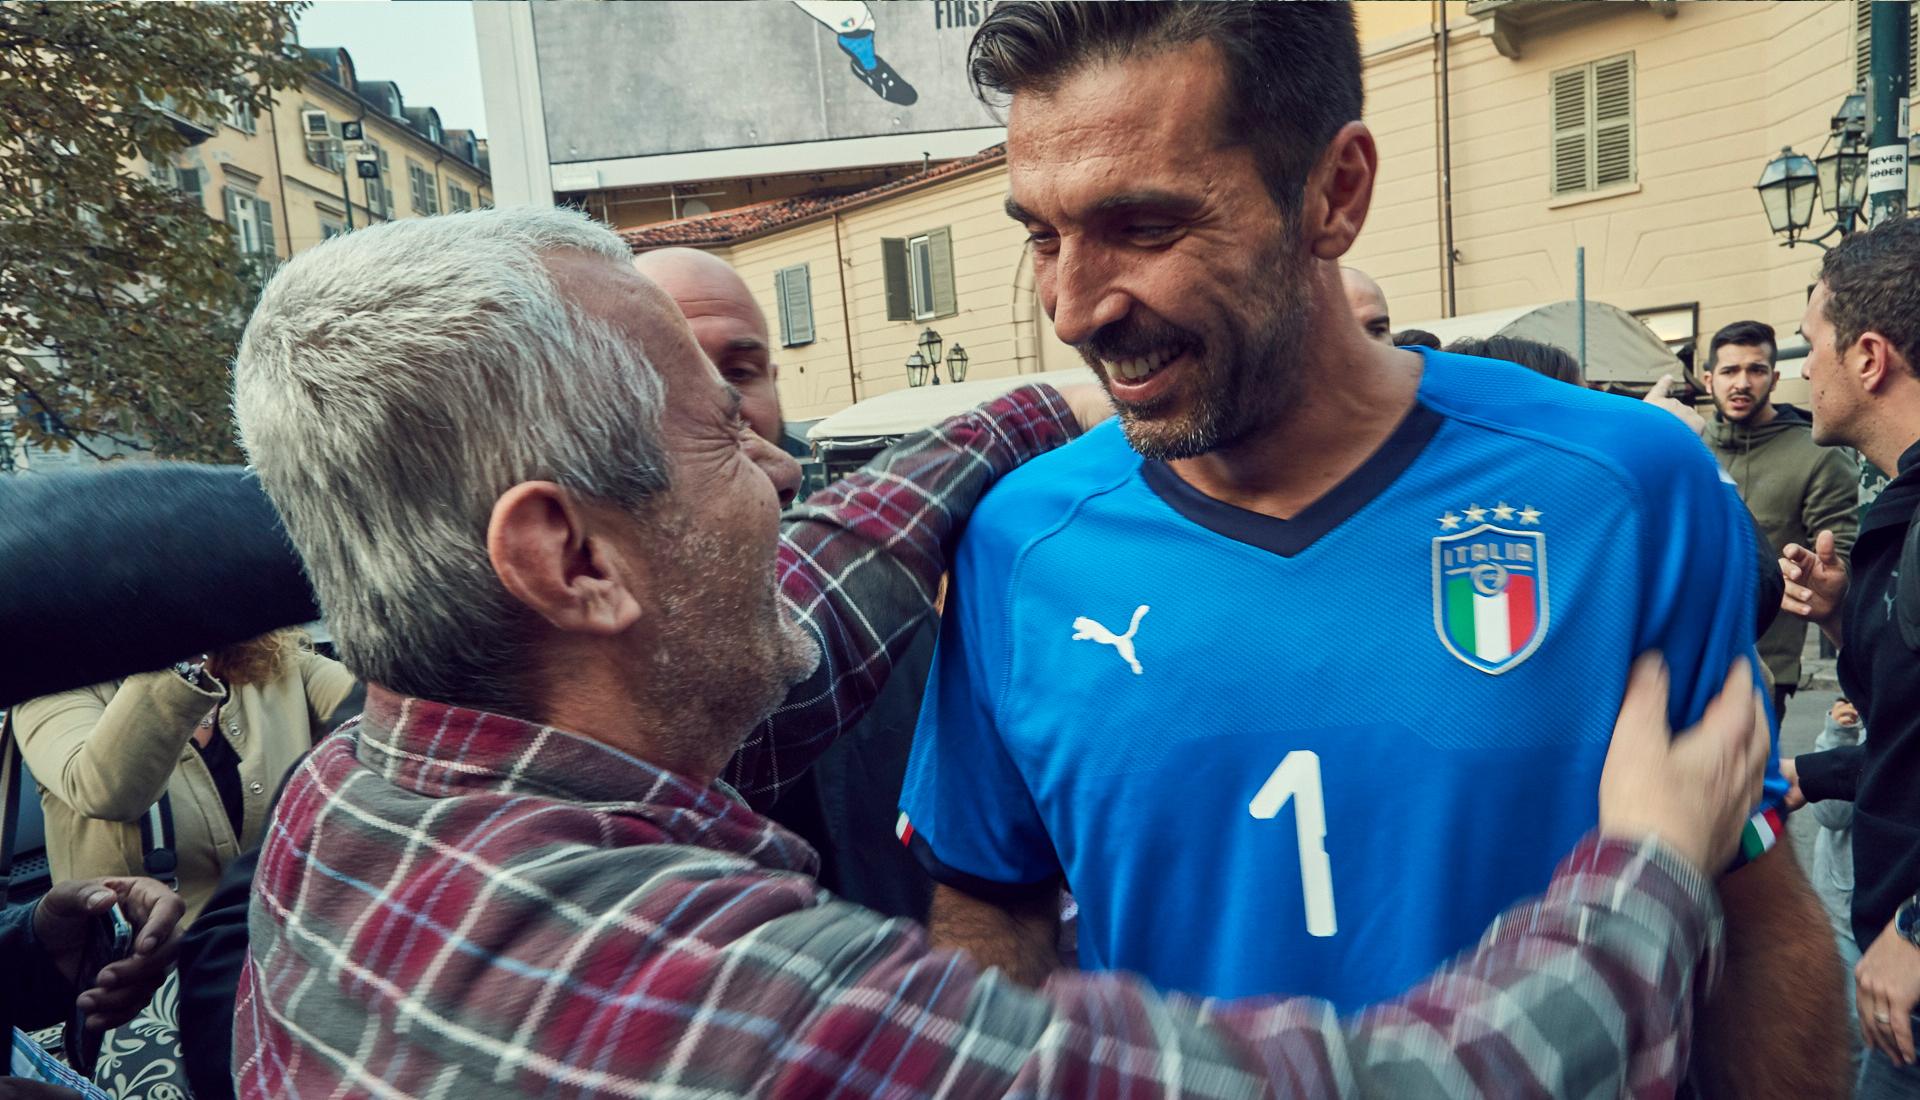 b471392645a Gigi Buffon To Wear 2018 Italy Home Shirt - SoccerBible.